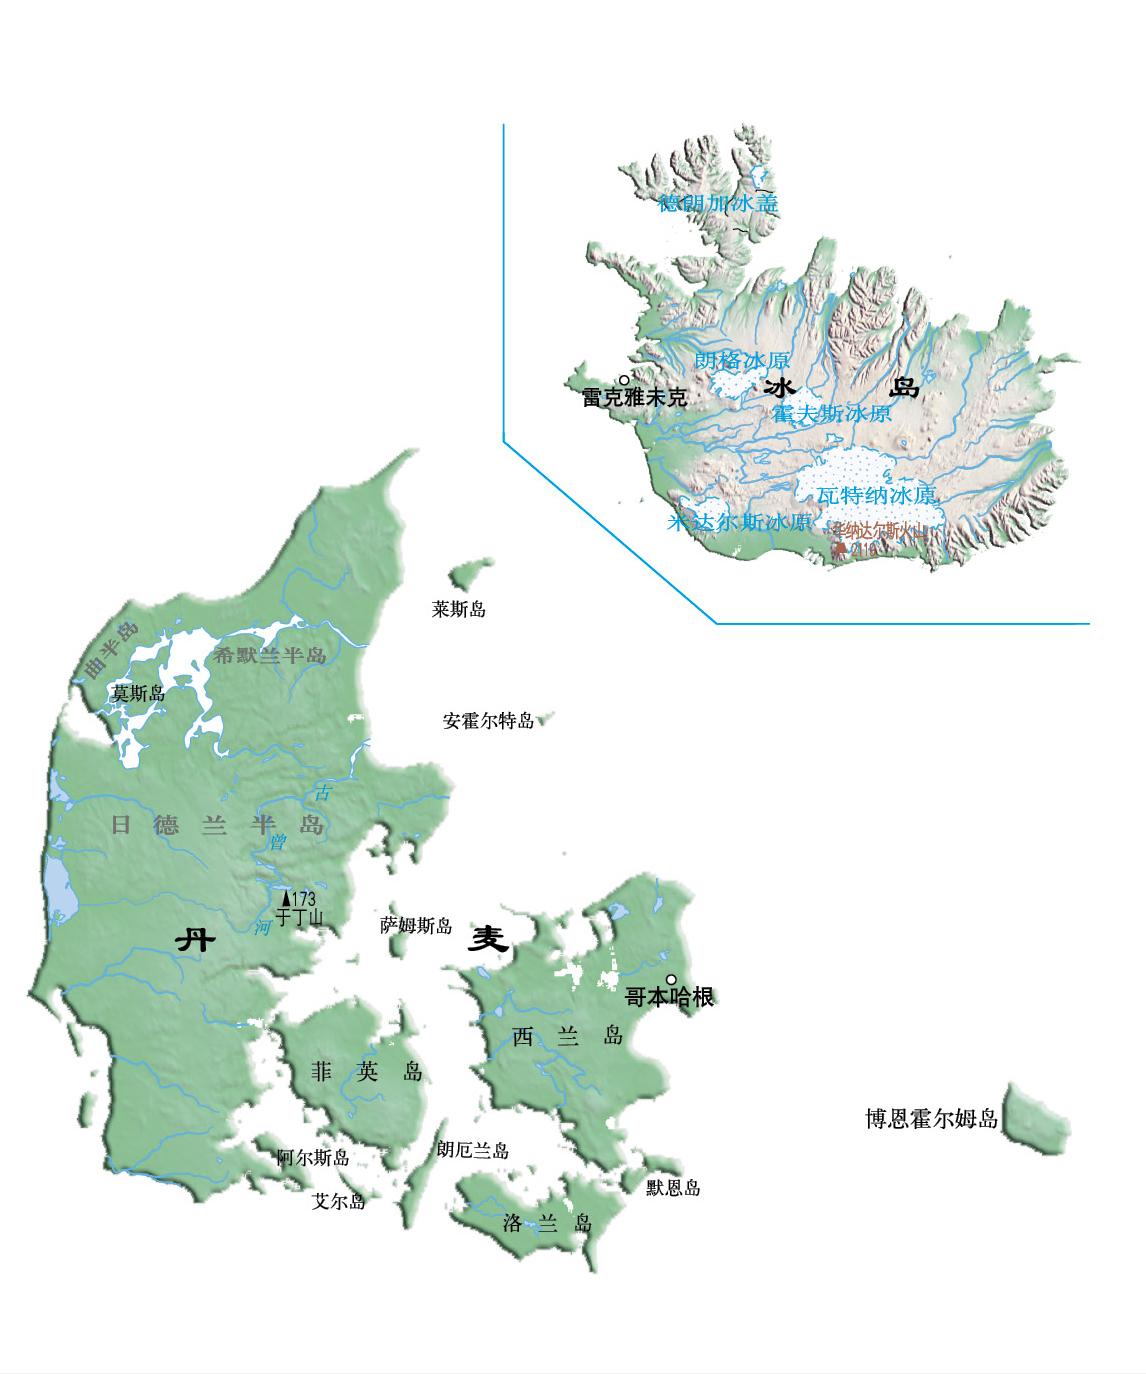 冰岛--2016世界分国地图 中国地图